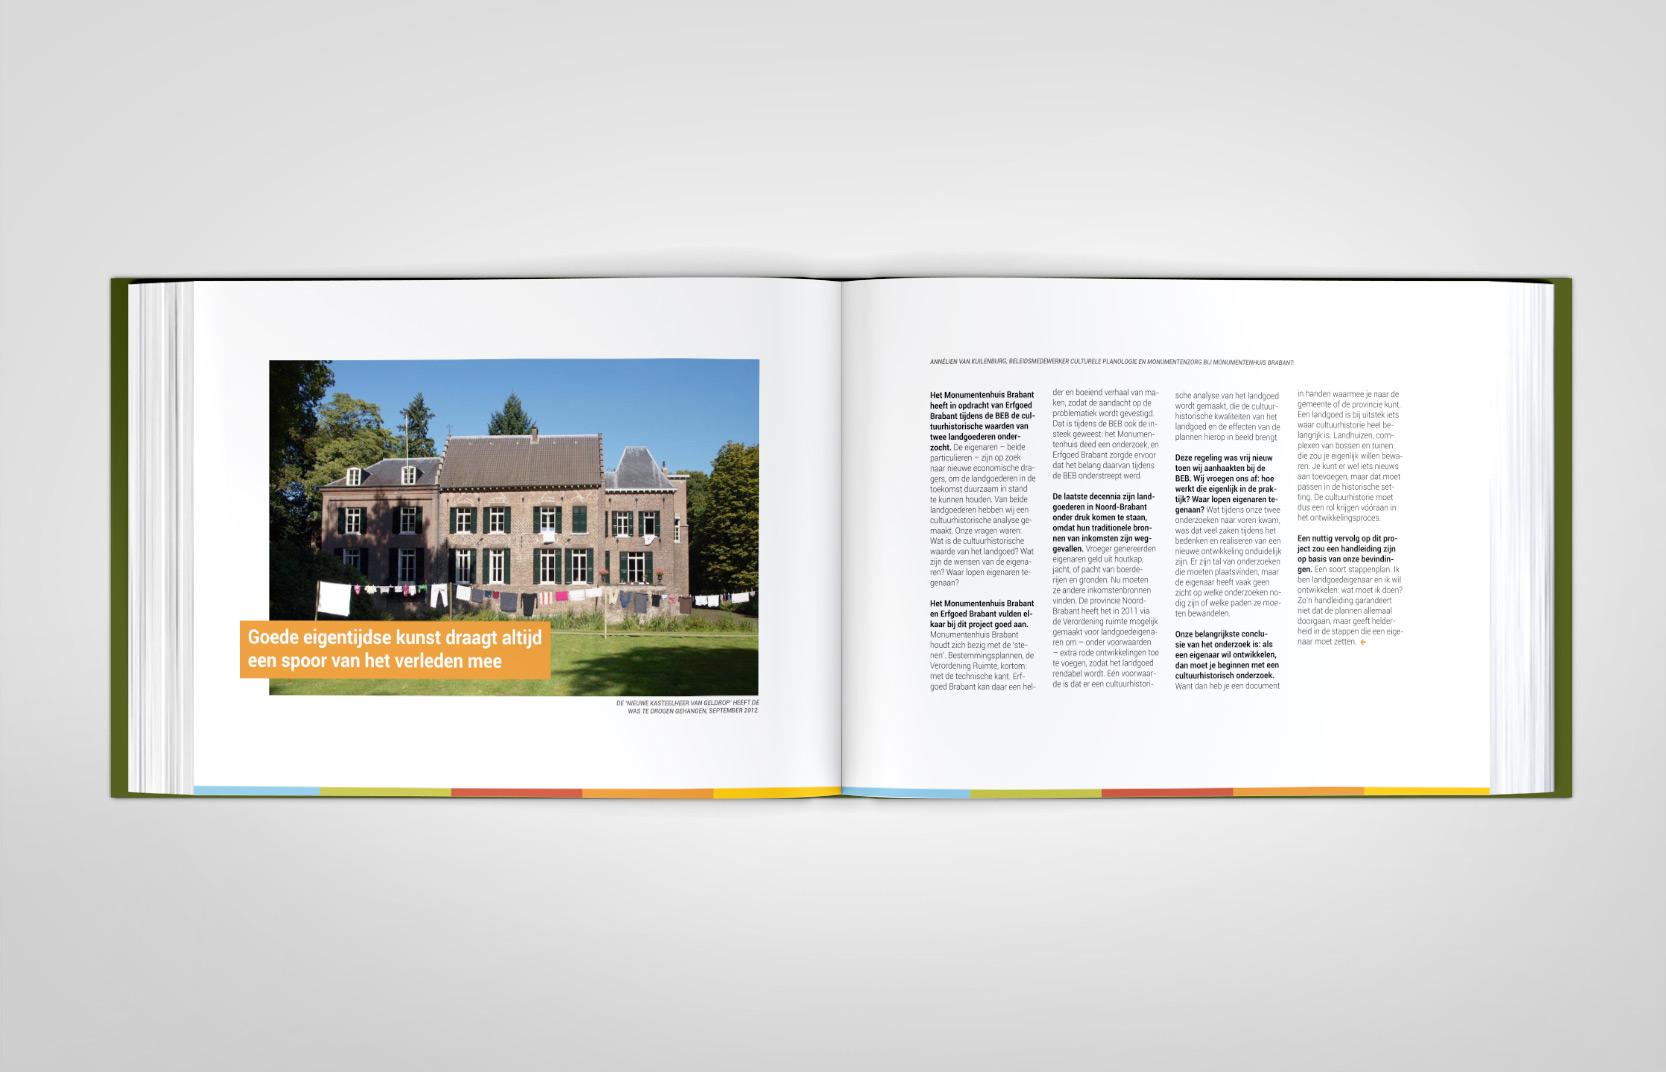 drukwerk_erfgoedbrabant2_boek2